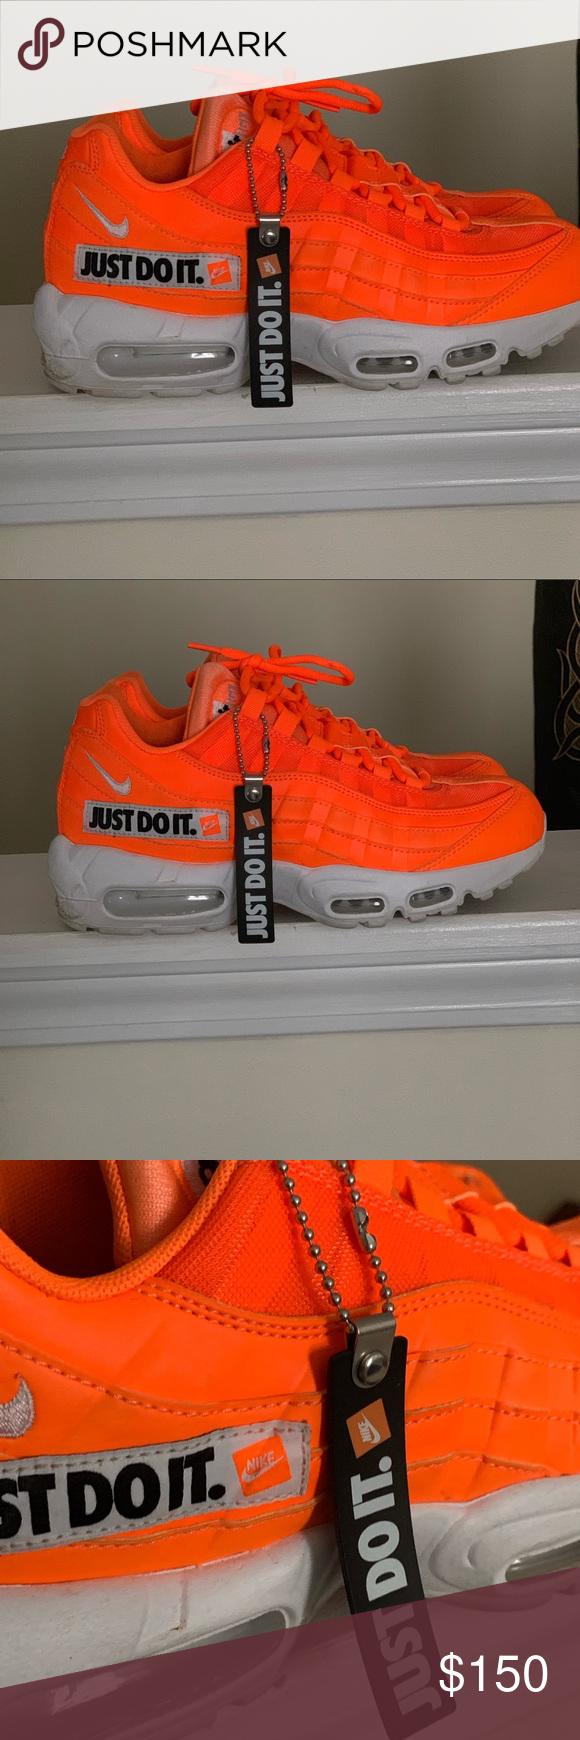 Nike Airmax 95 Just Do It Neon Orange Sneakers Orange Sneakers